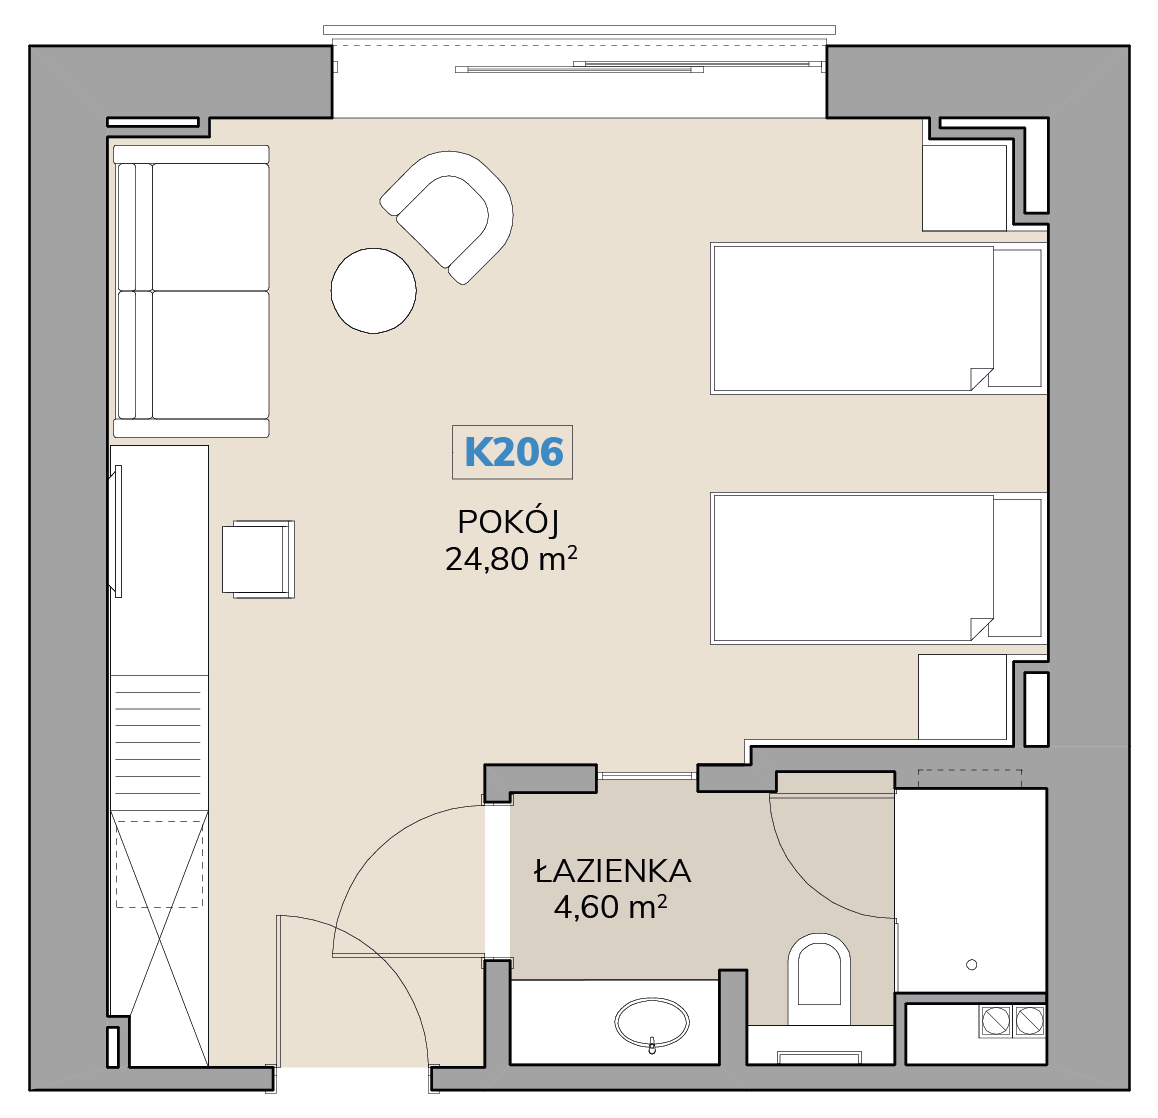 Apartament K206